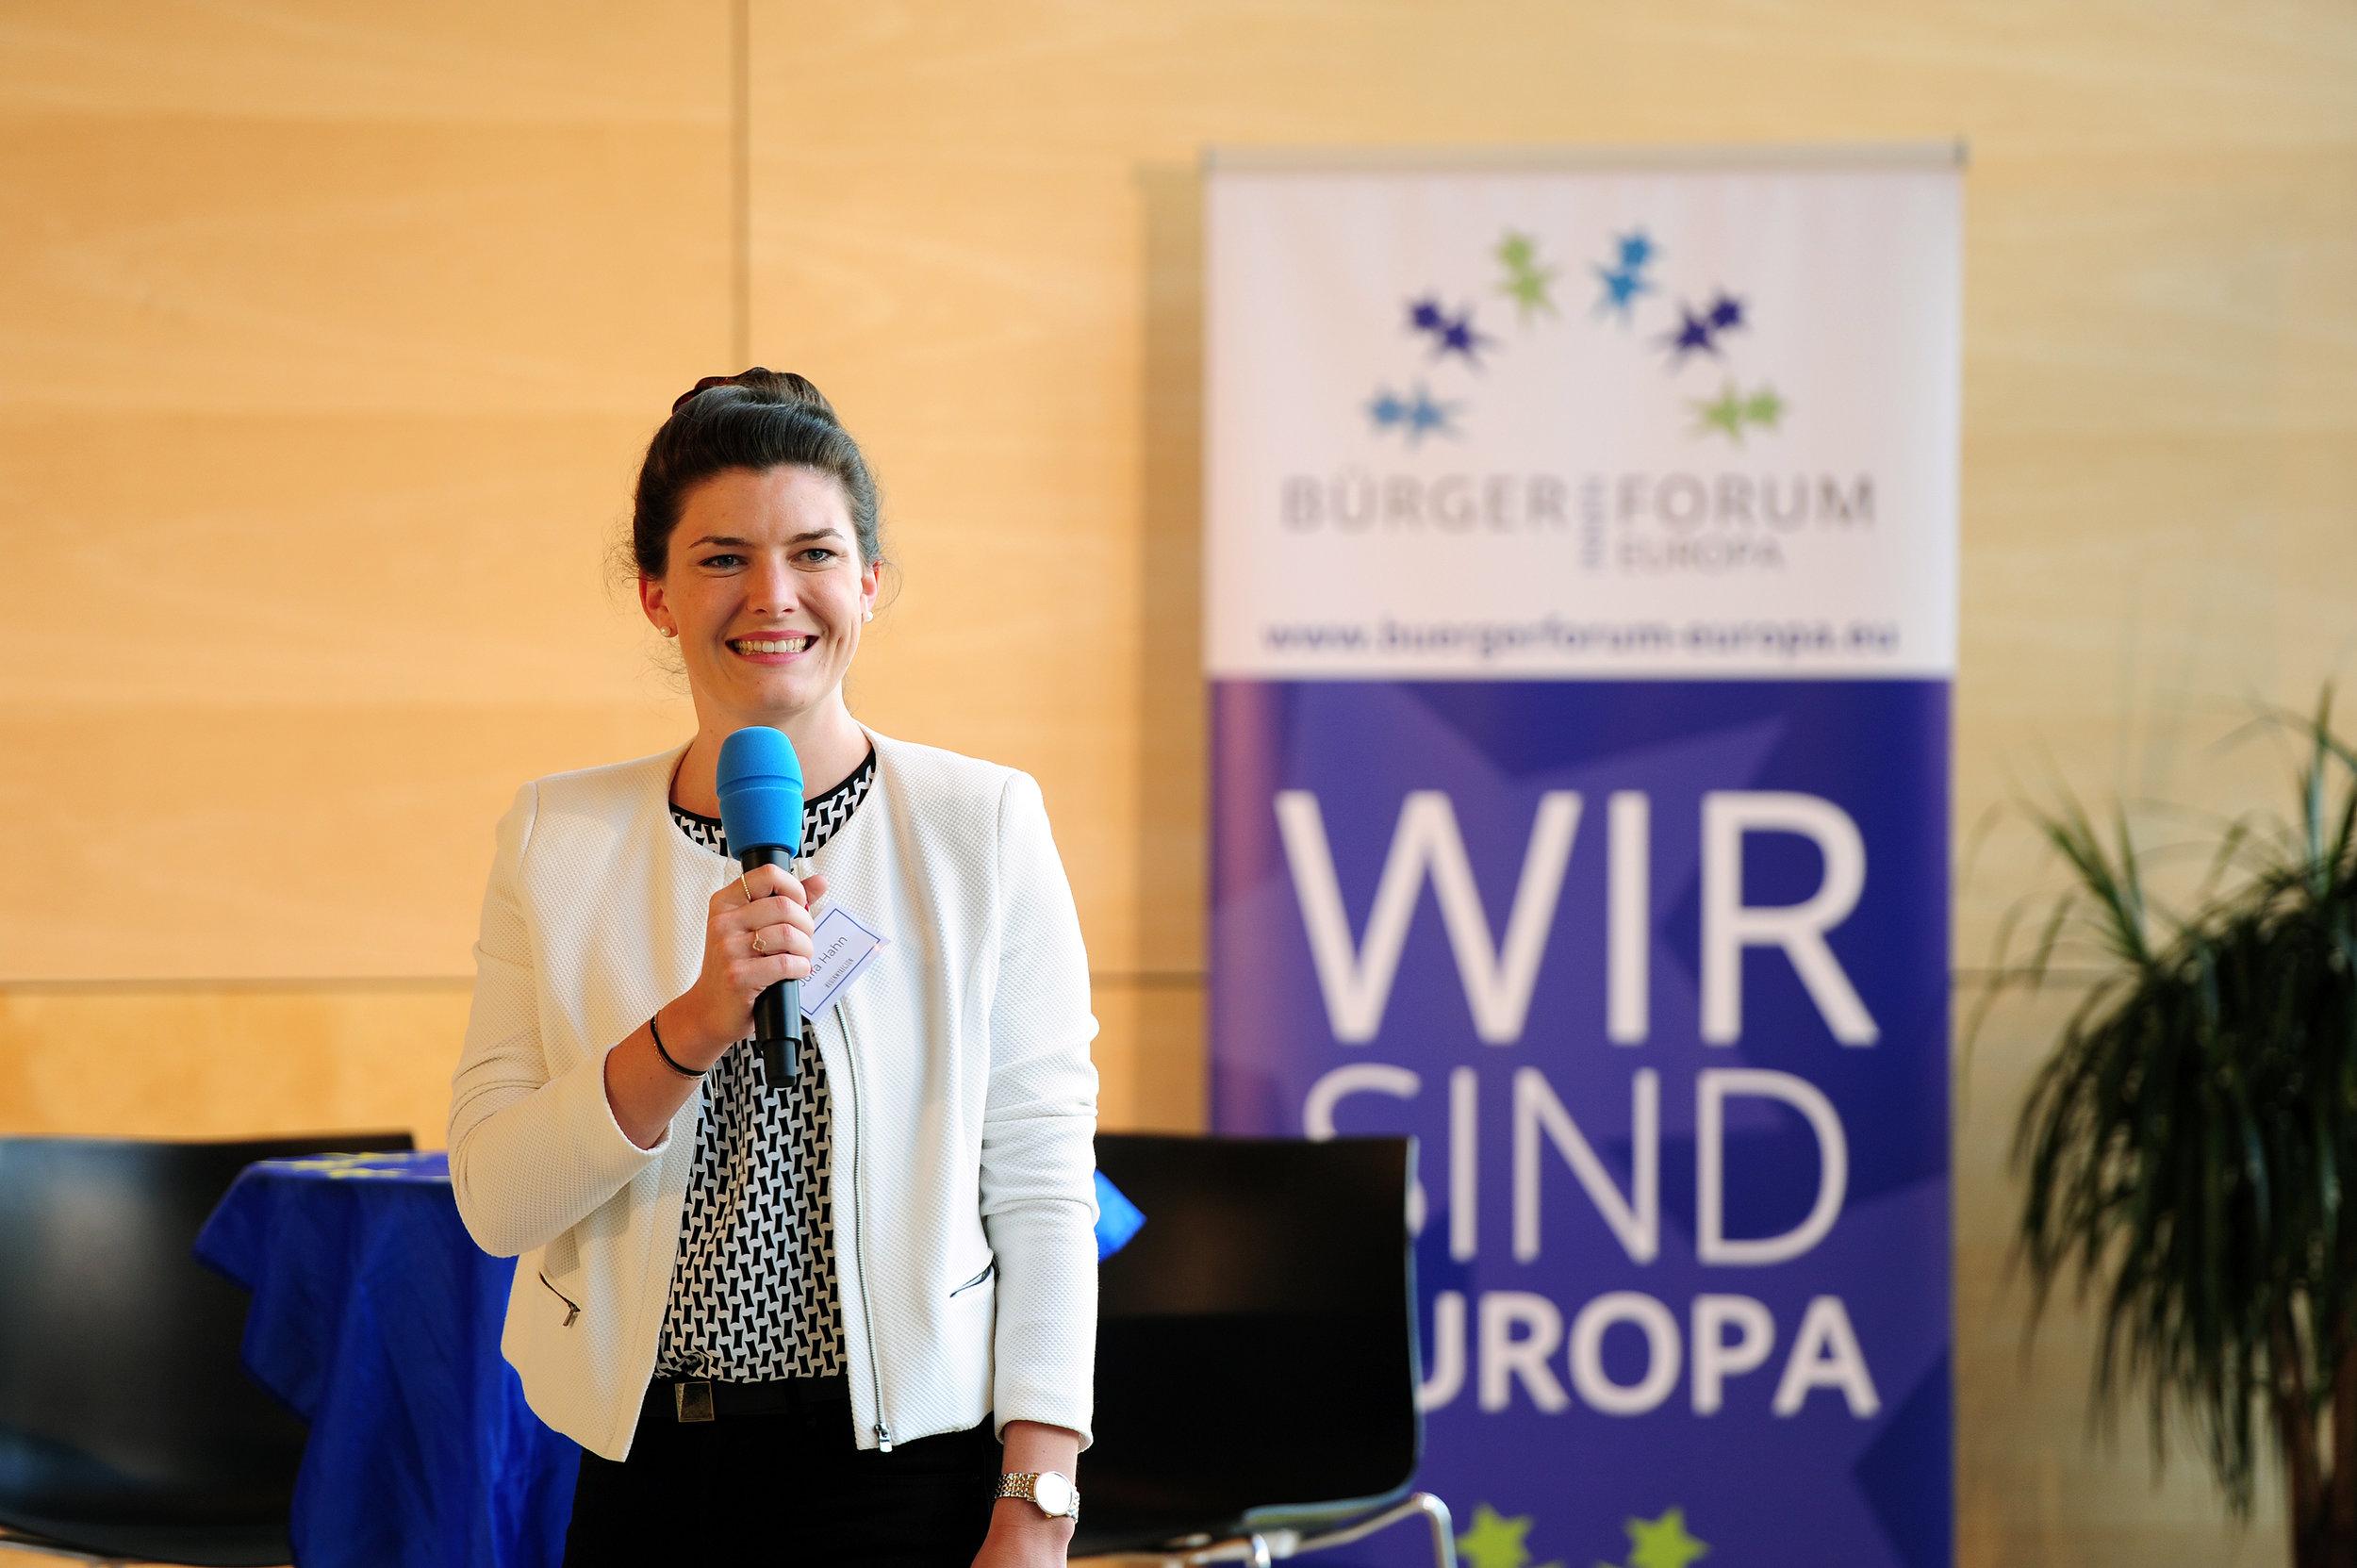 Bürgerforum-095.JPG